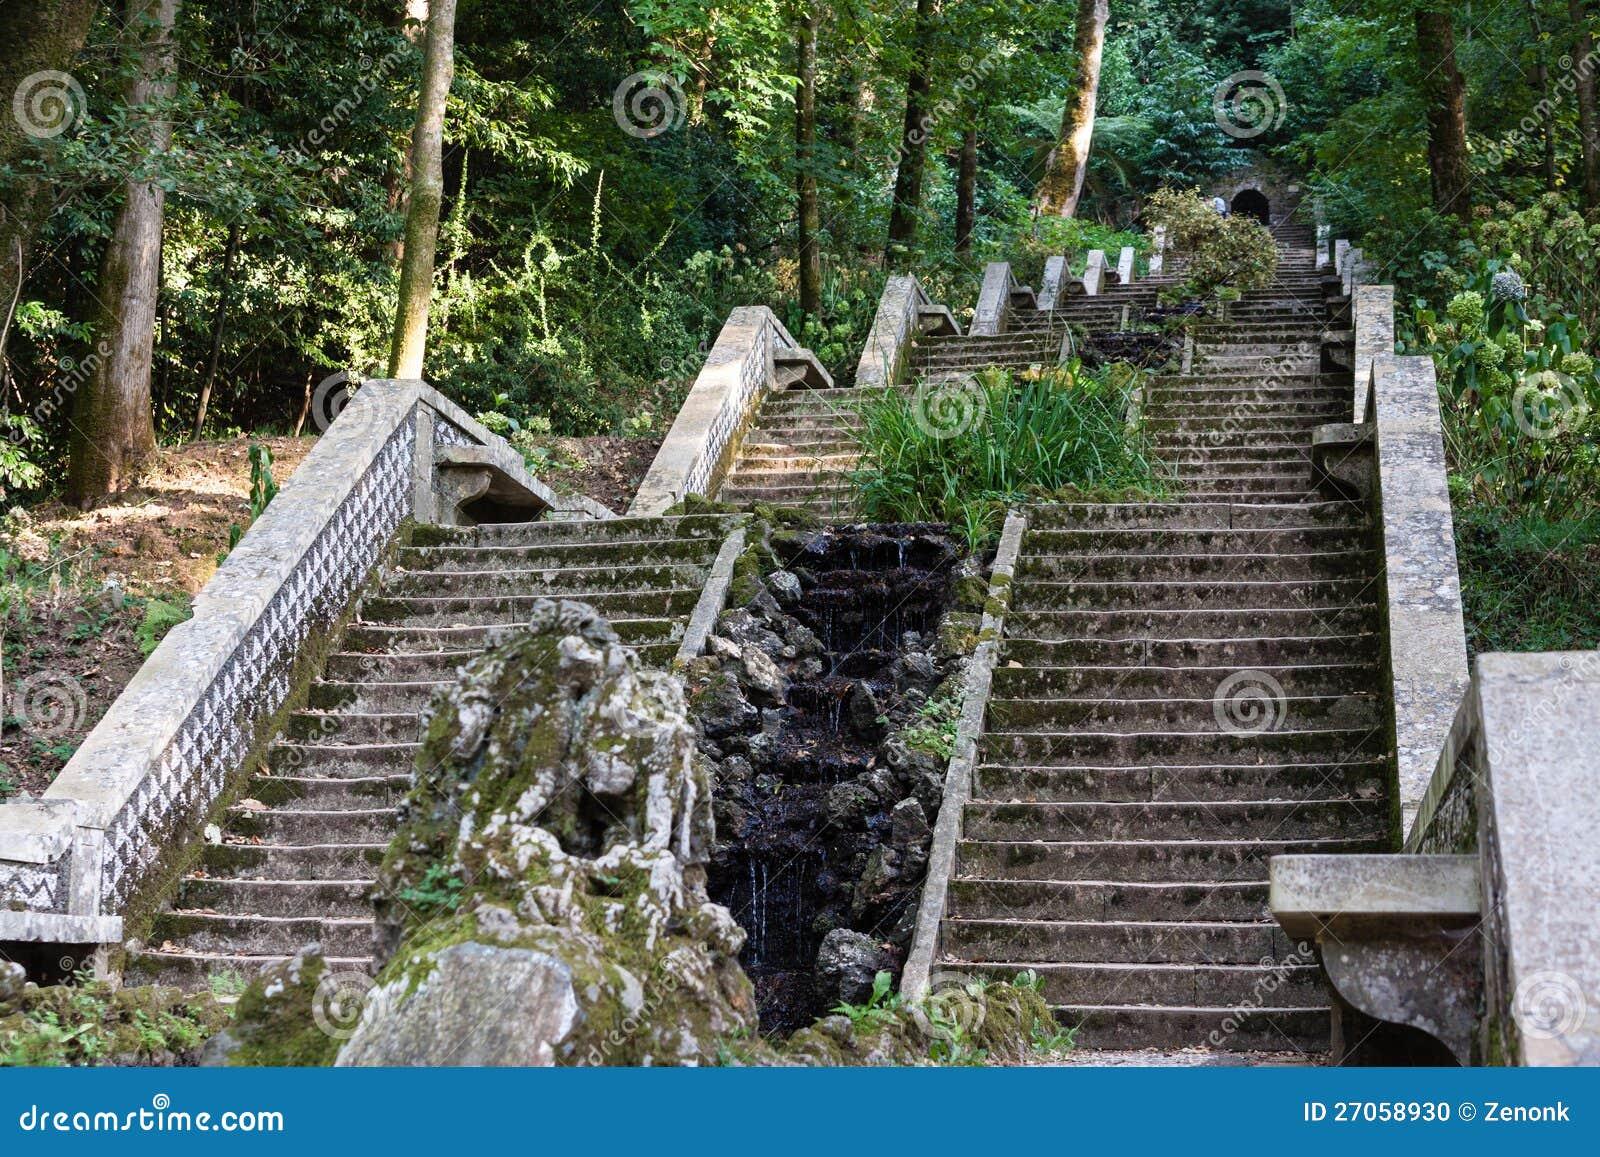 Le scale in giardino di serra fanno bussaco portogallo fotografia stock immagine 27058930 - Scale in giardino ...